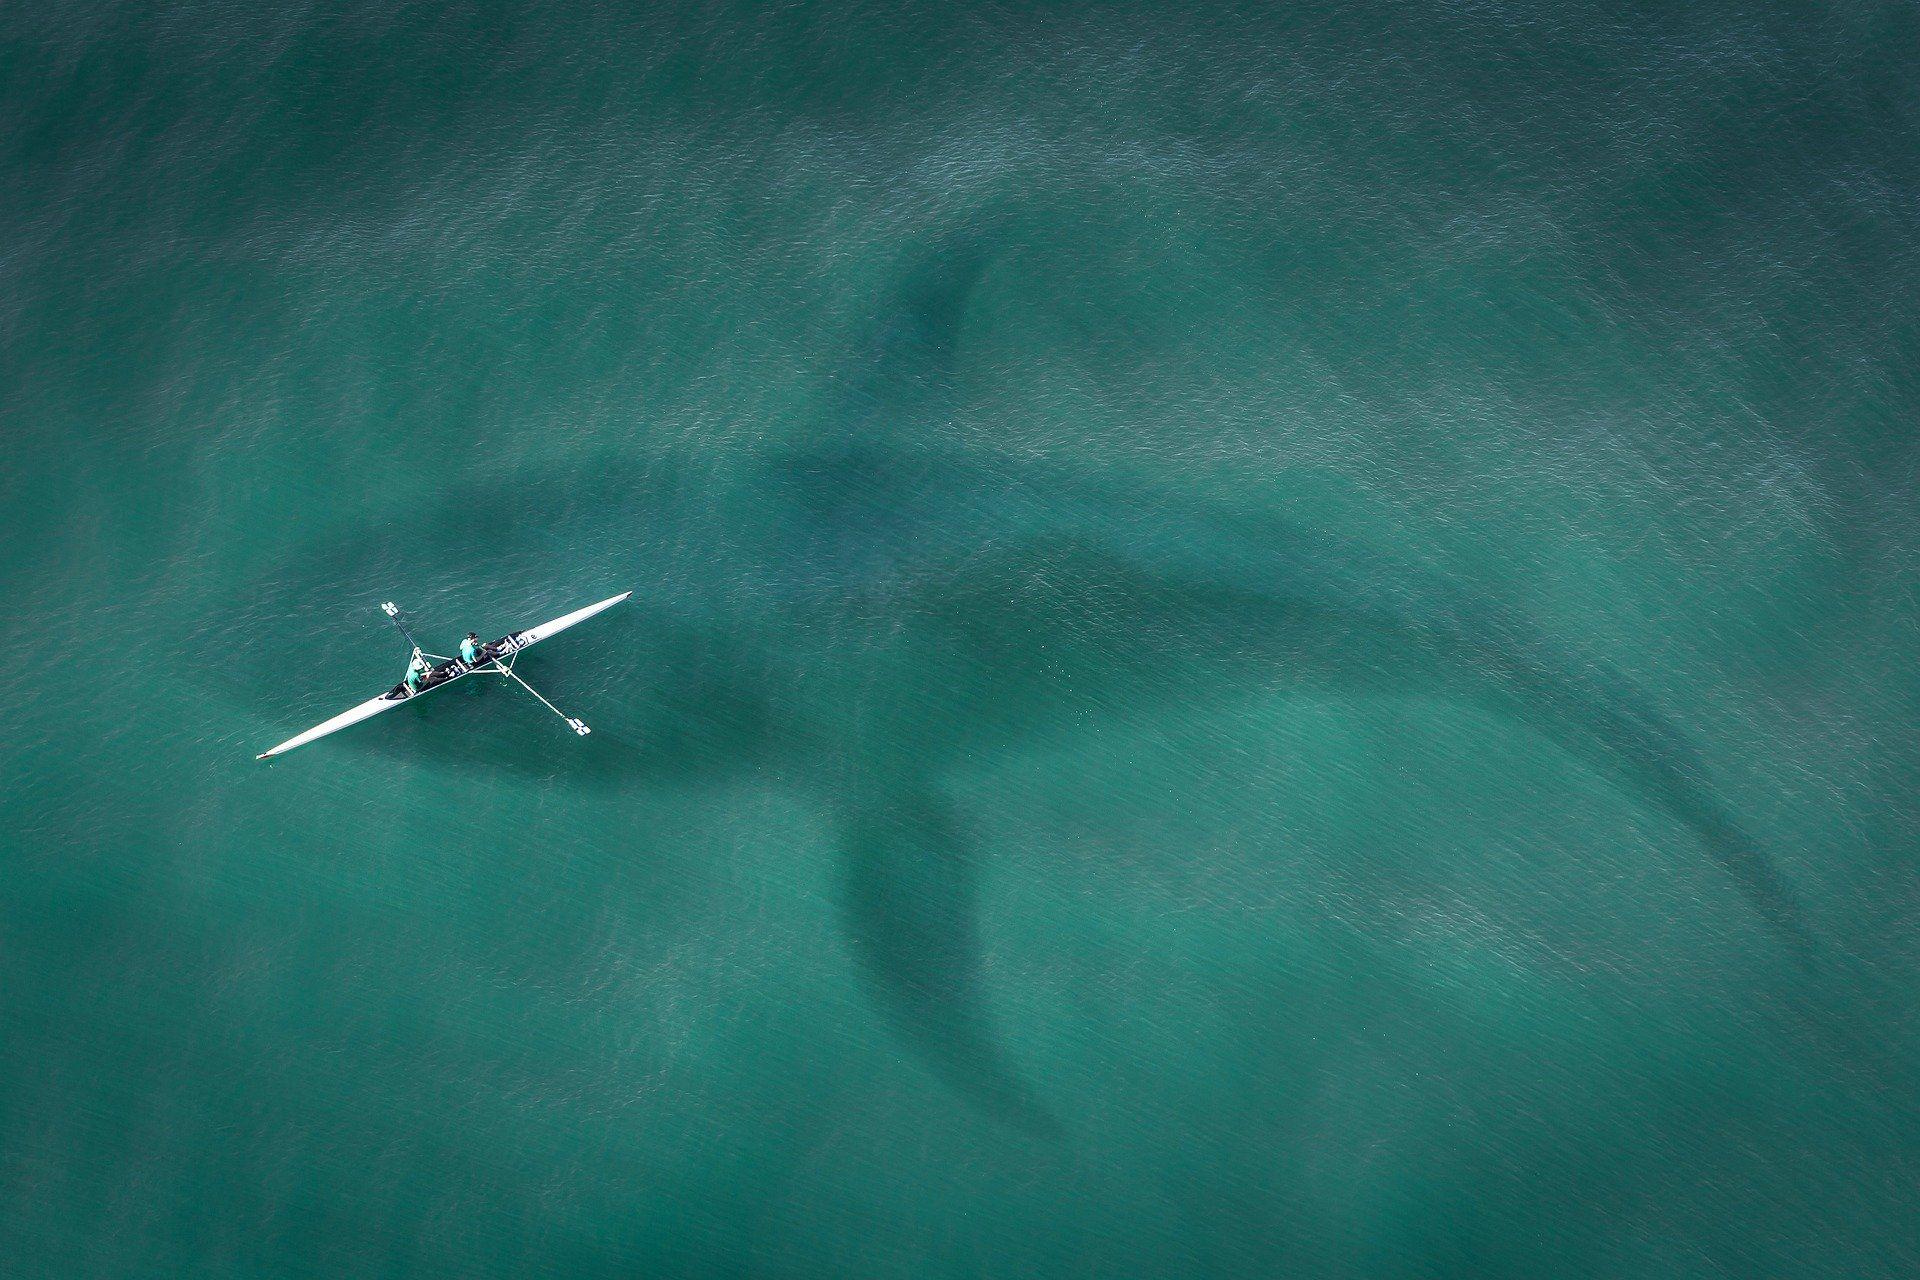 Смотреть фото гигантской акулы бесплатно